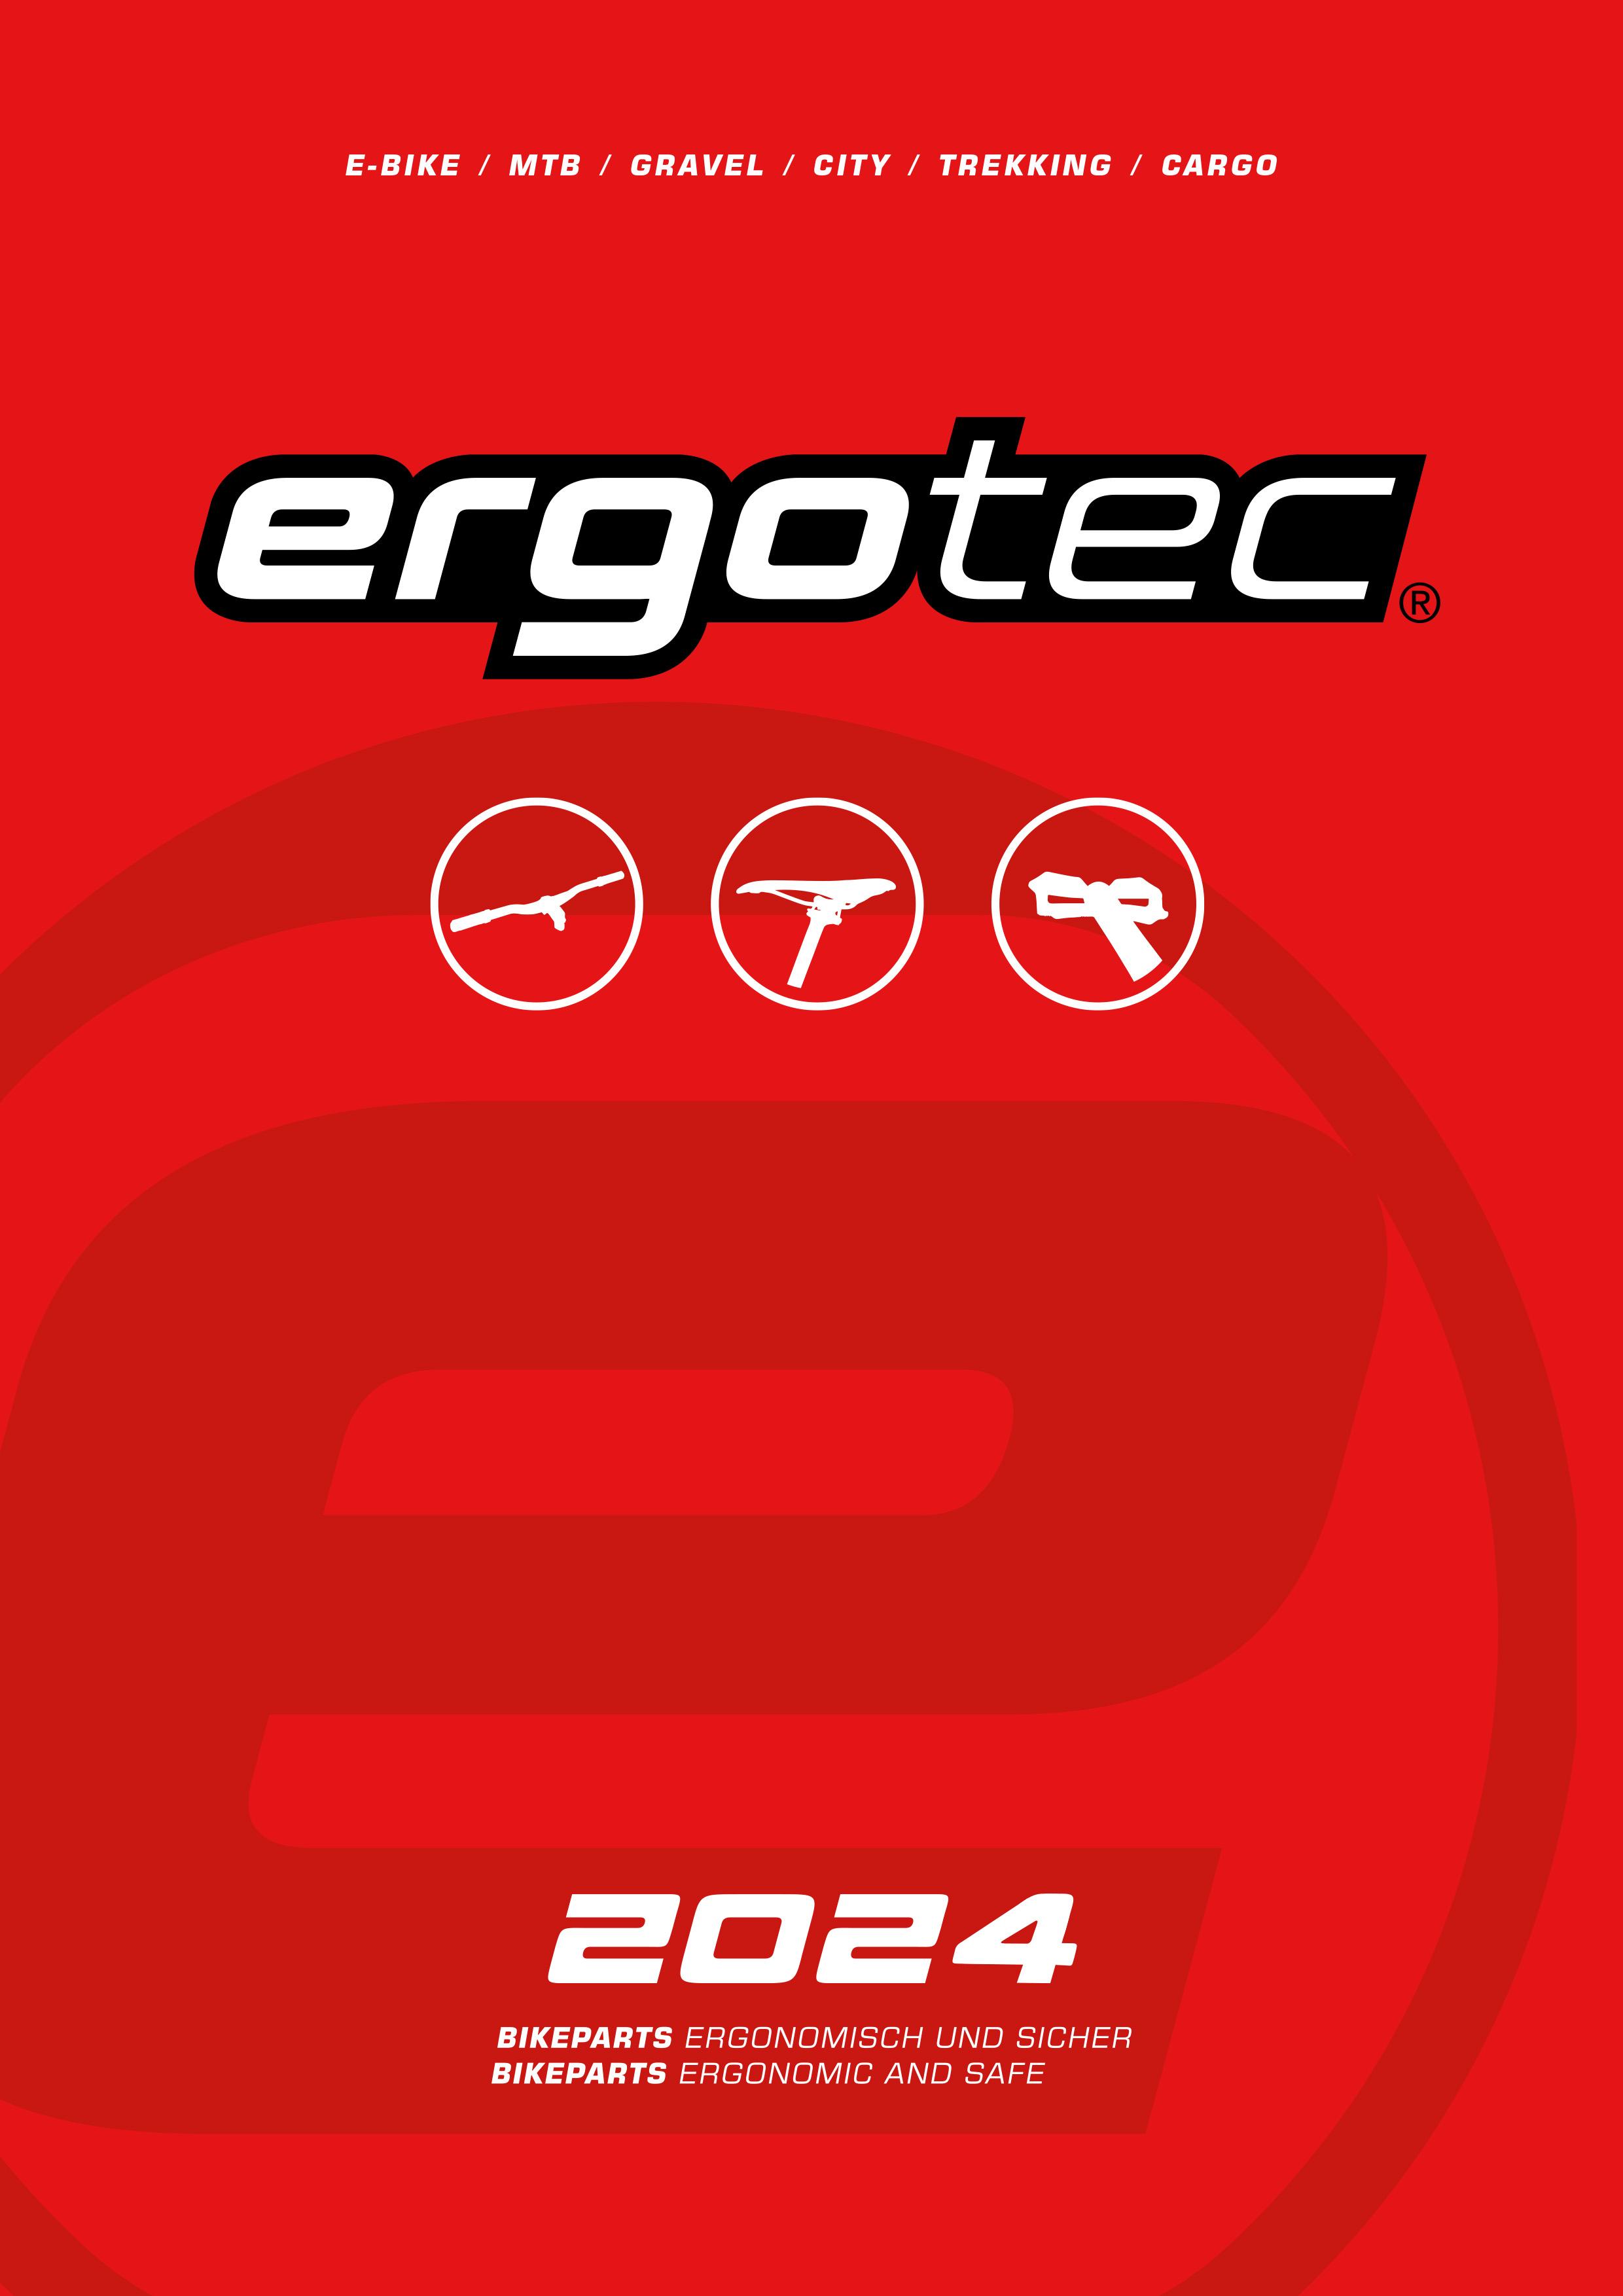 Service - Ergotec